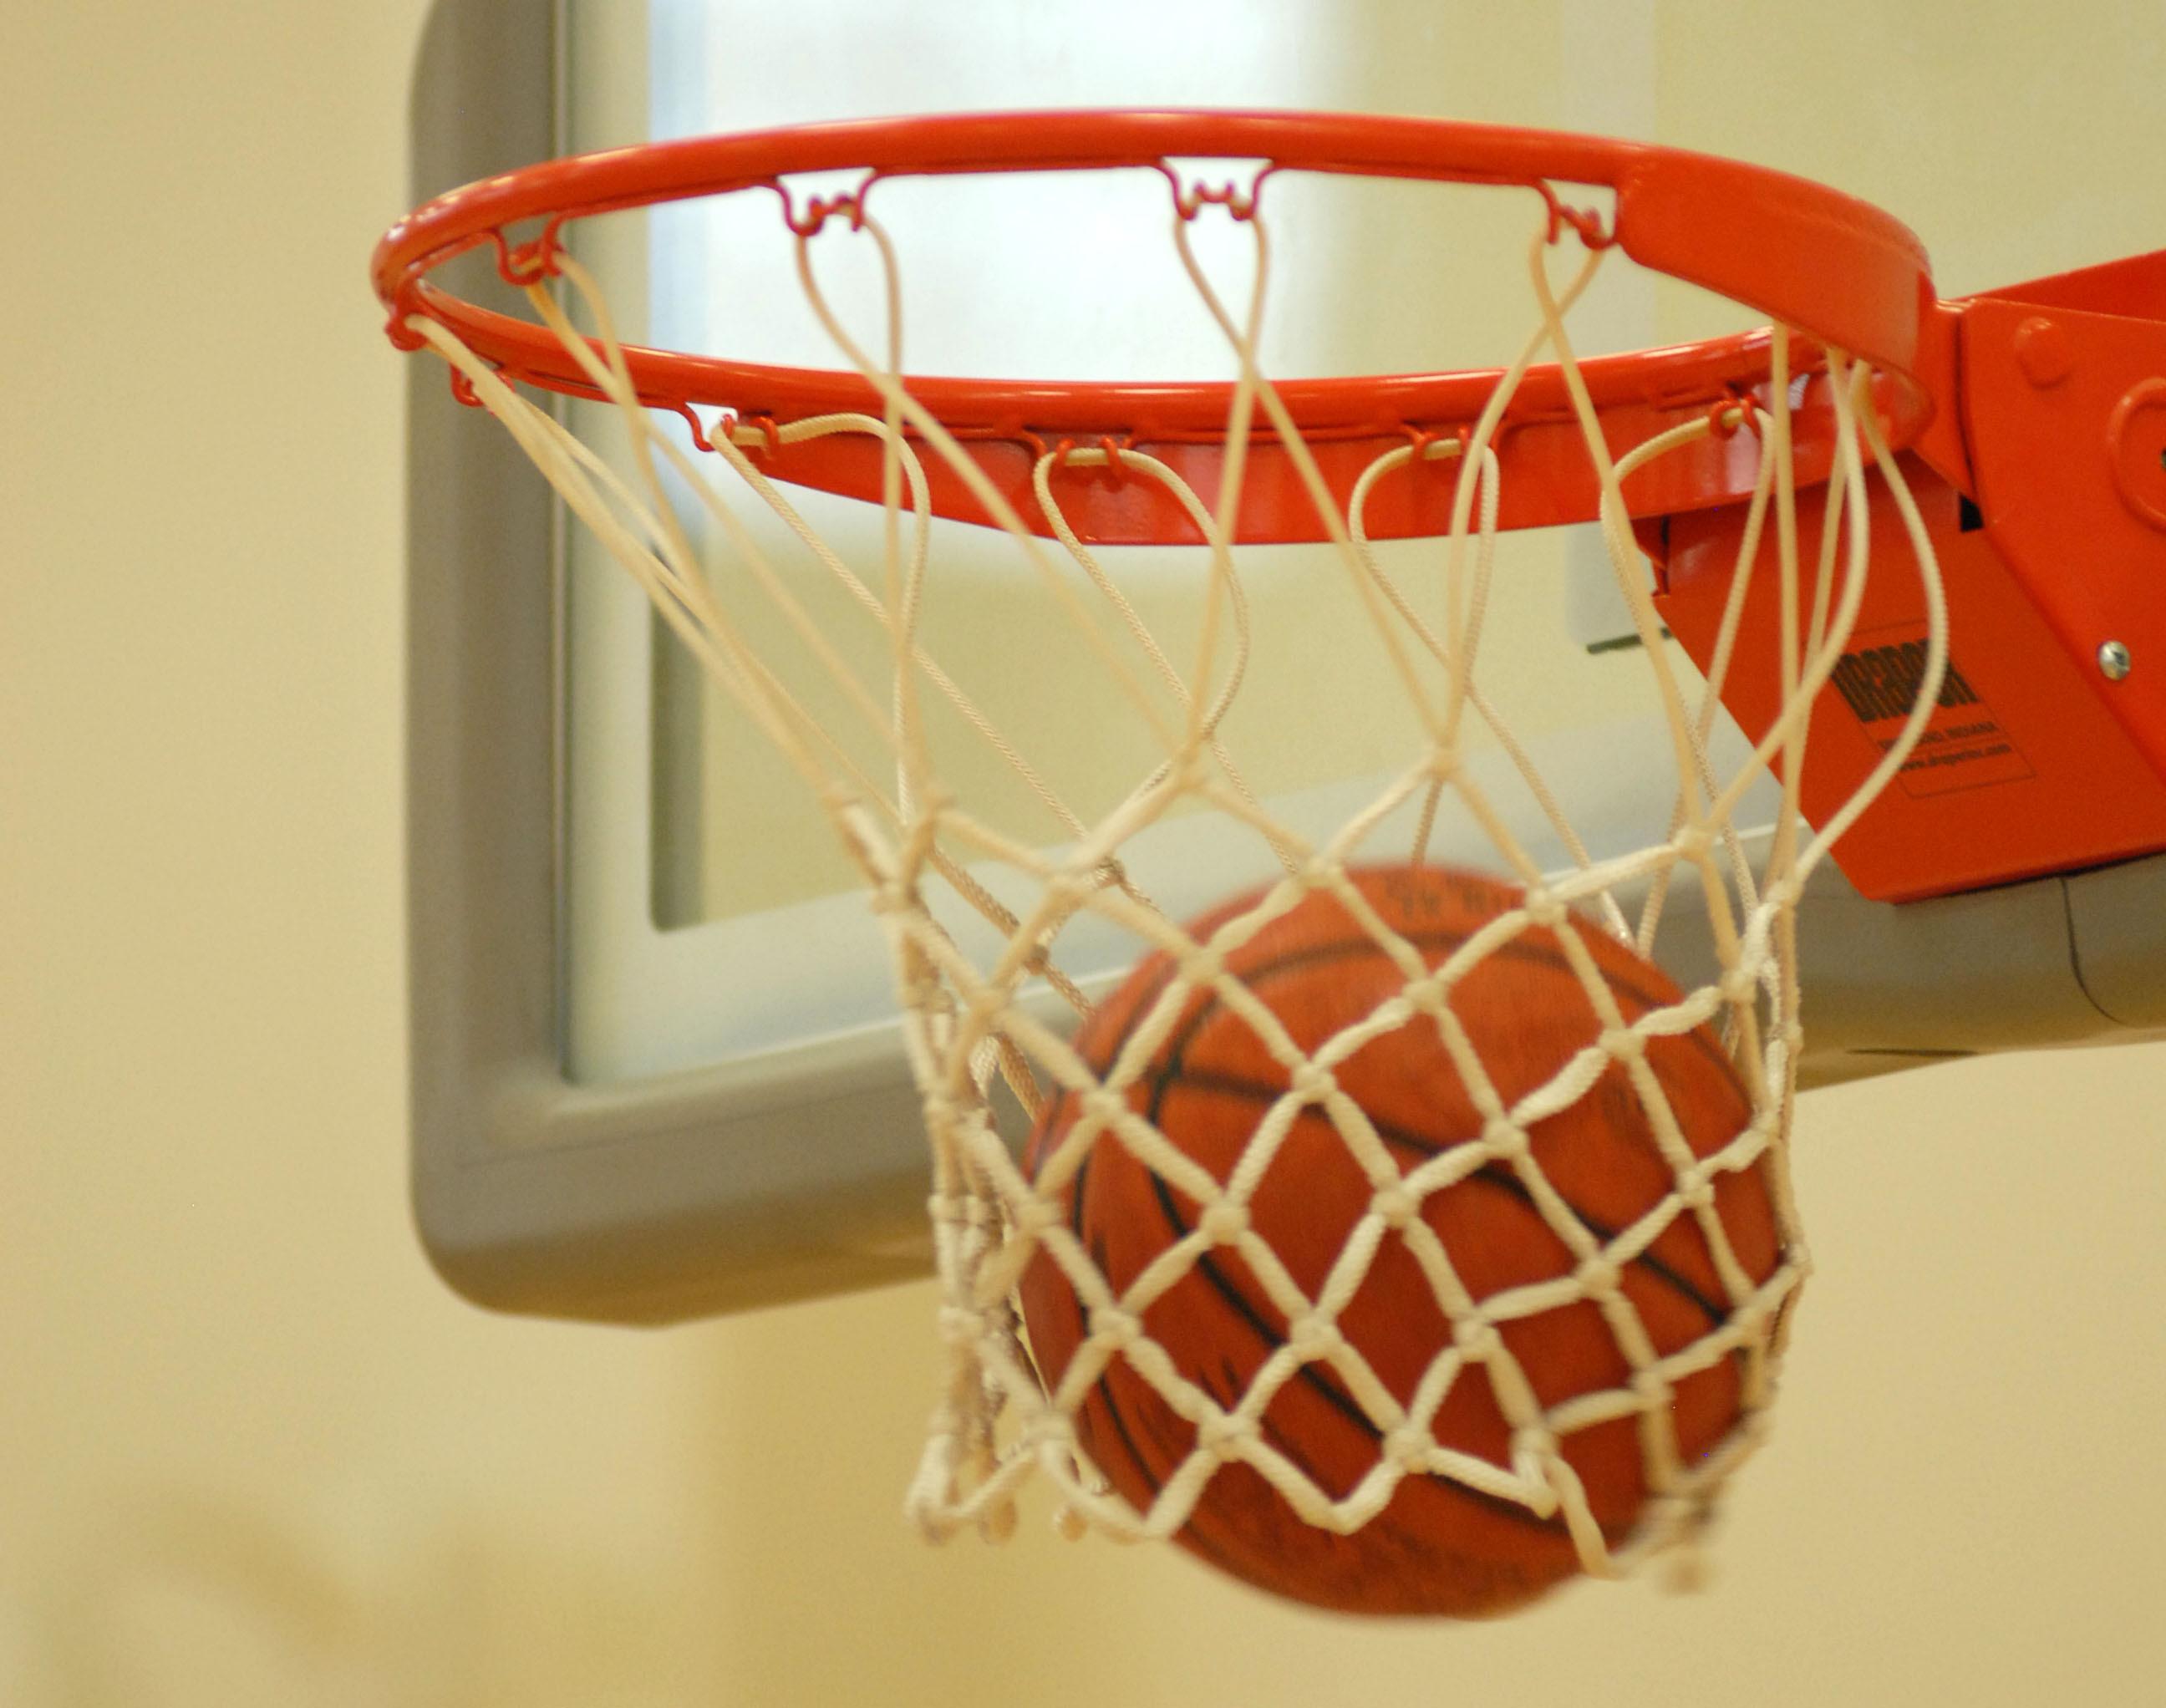 d75dc445ed56a26a79db_Basketball_through_hoop.jpg